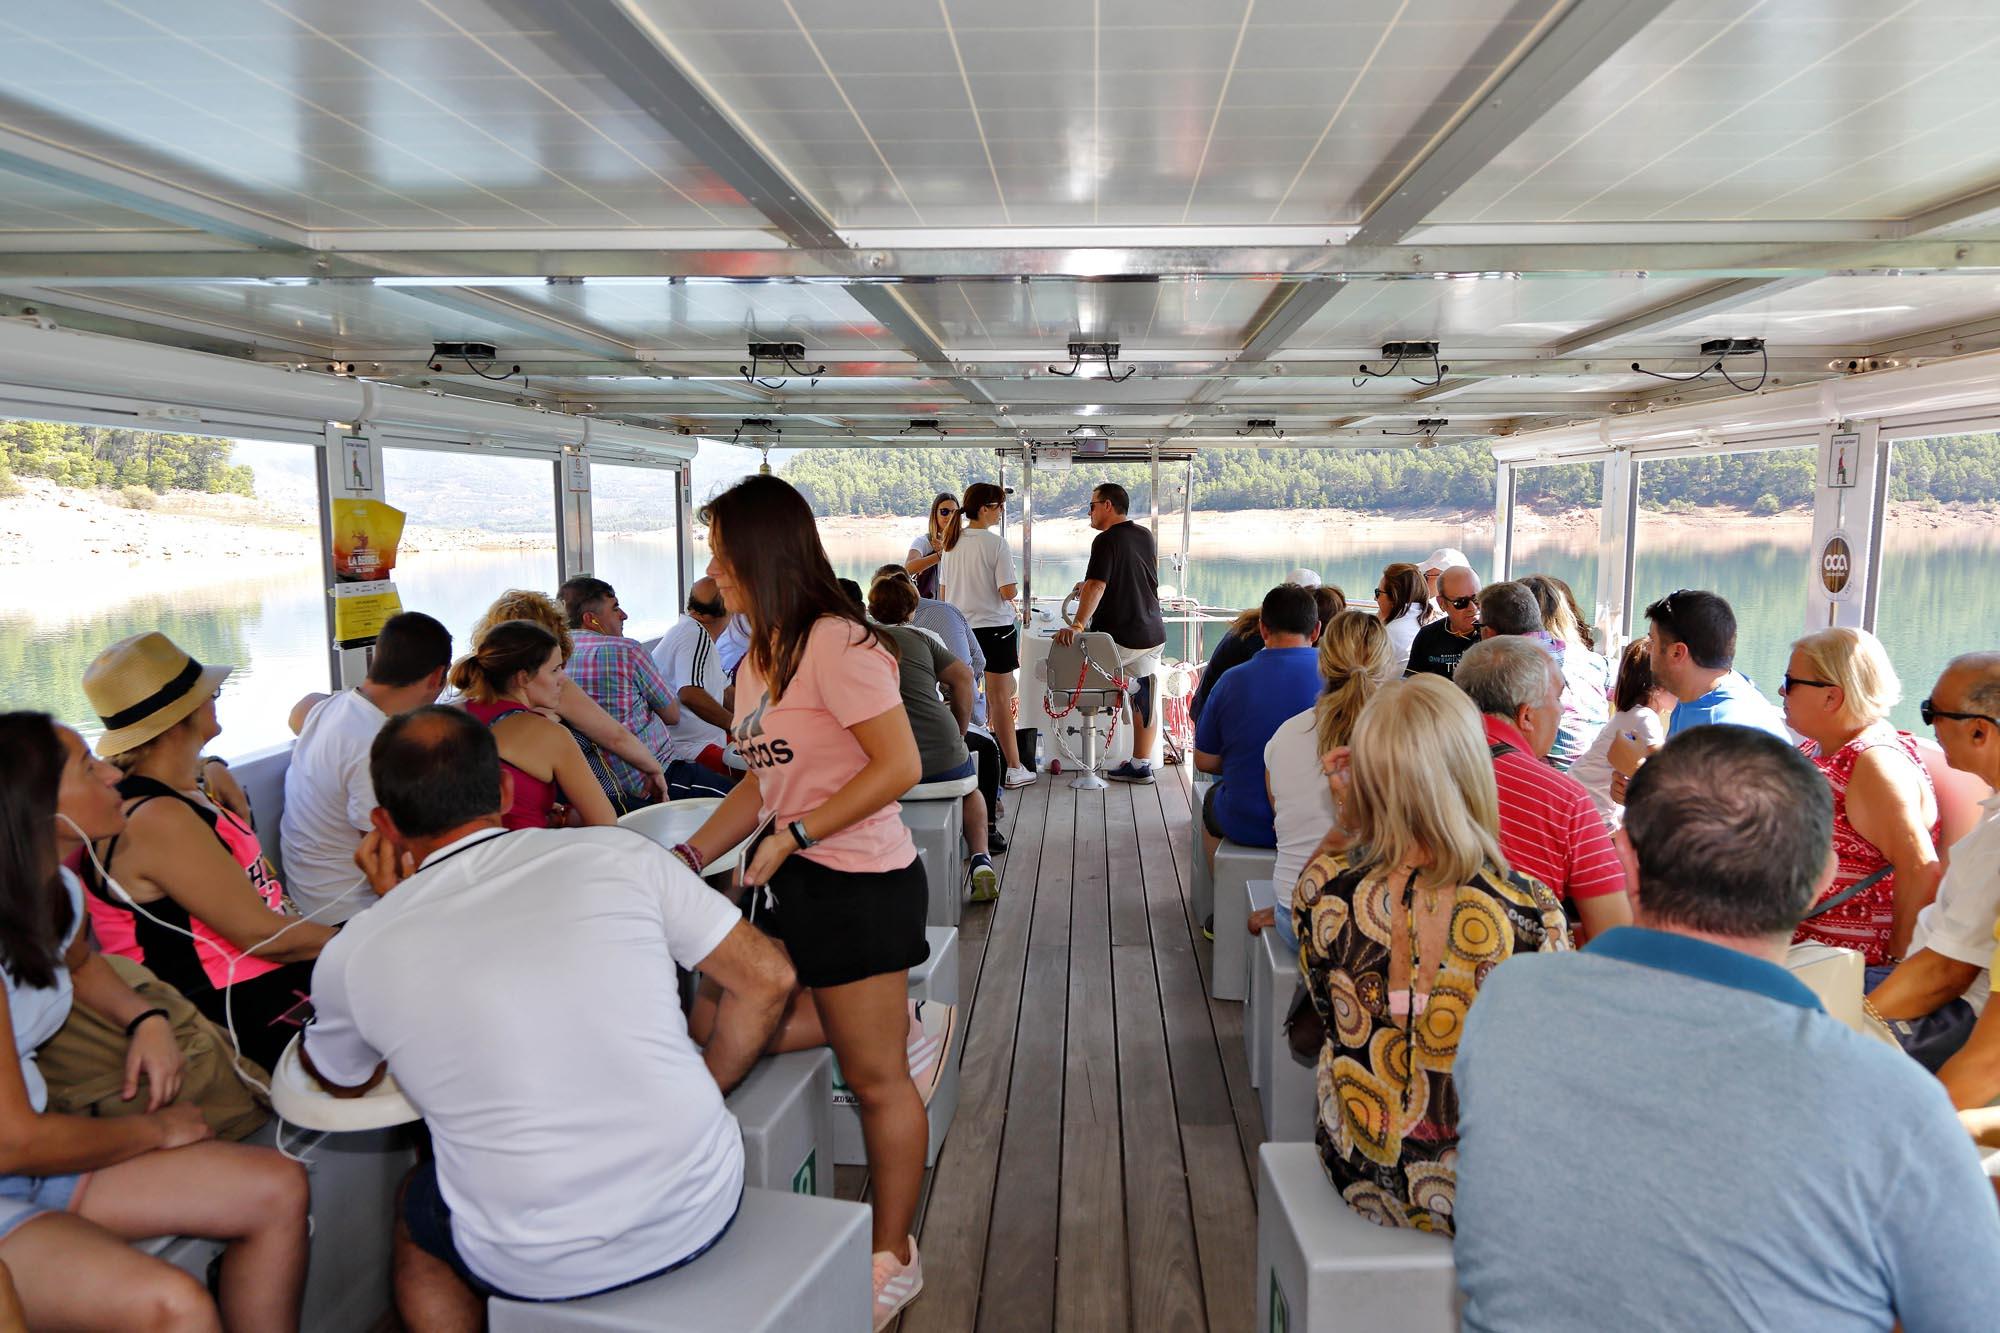 El barco tiene capacidad para 60 personas. Ofrece audioguía y servicio de bar durante el trayecto.